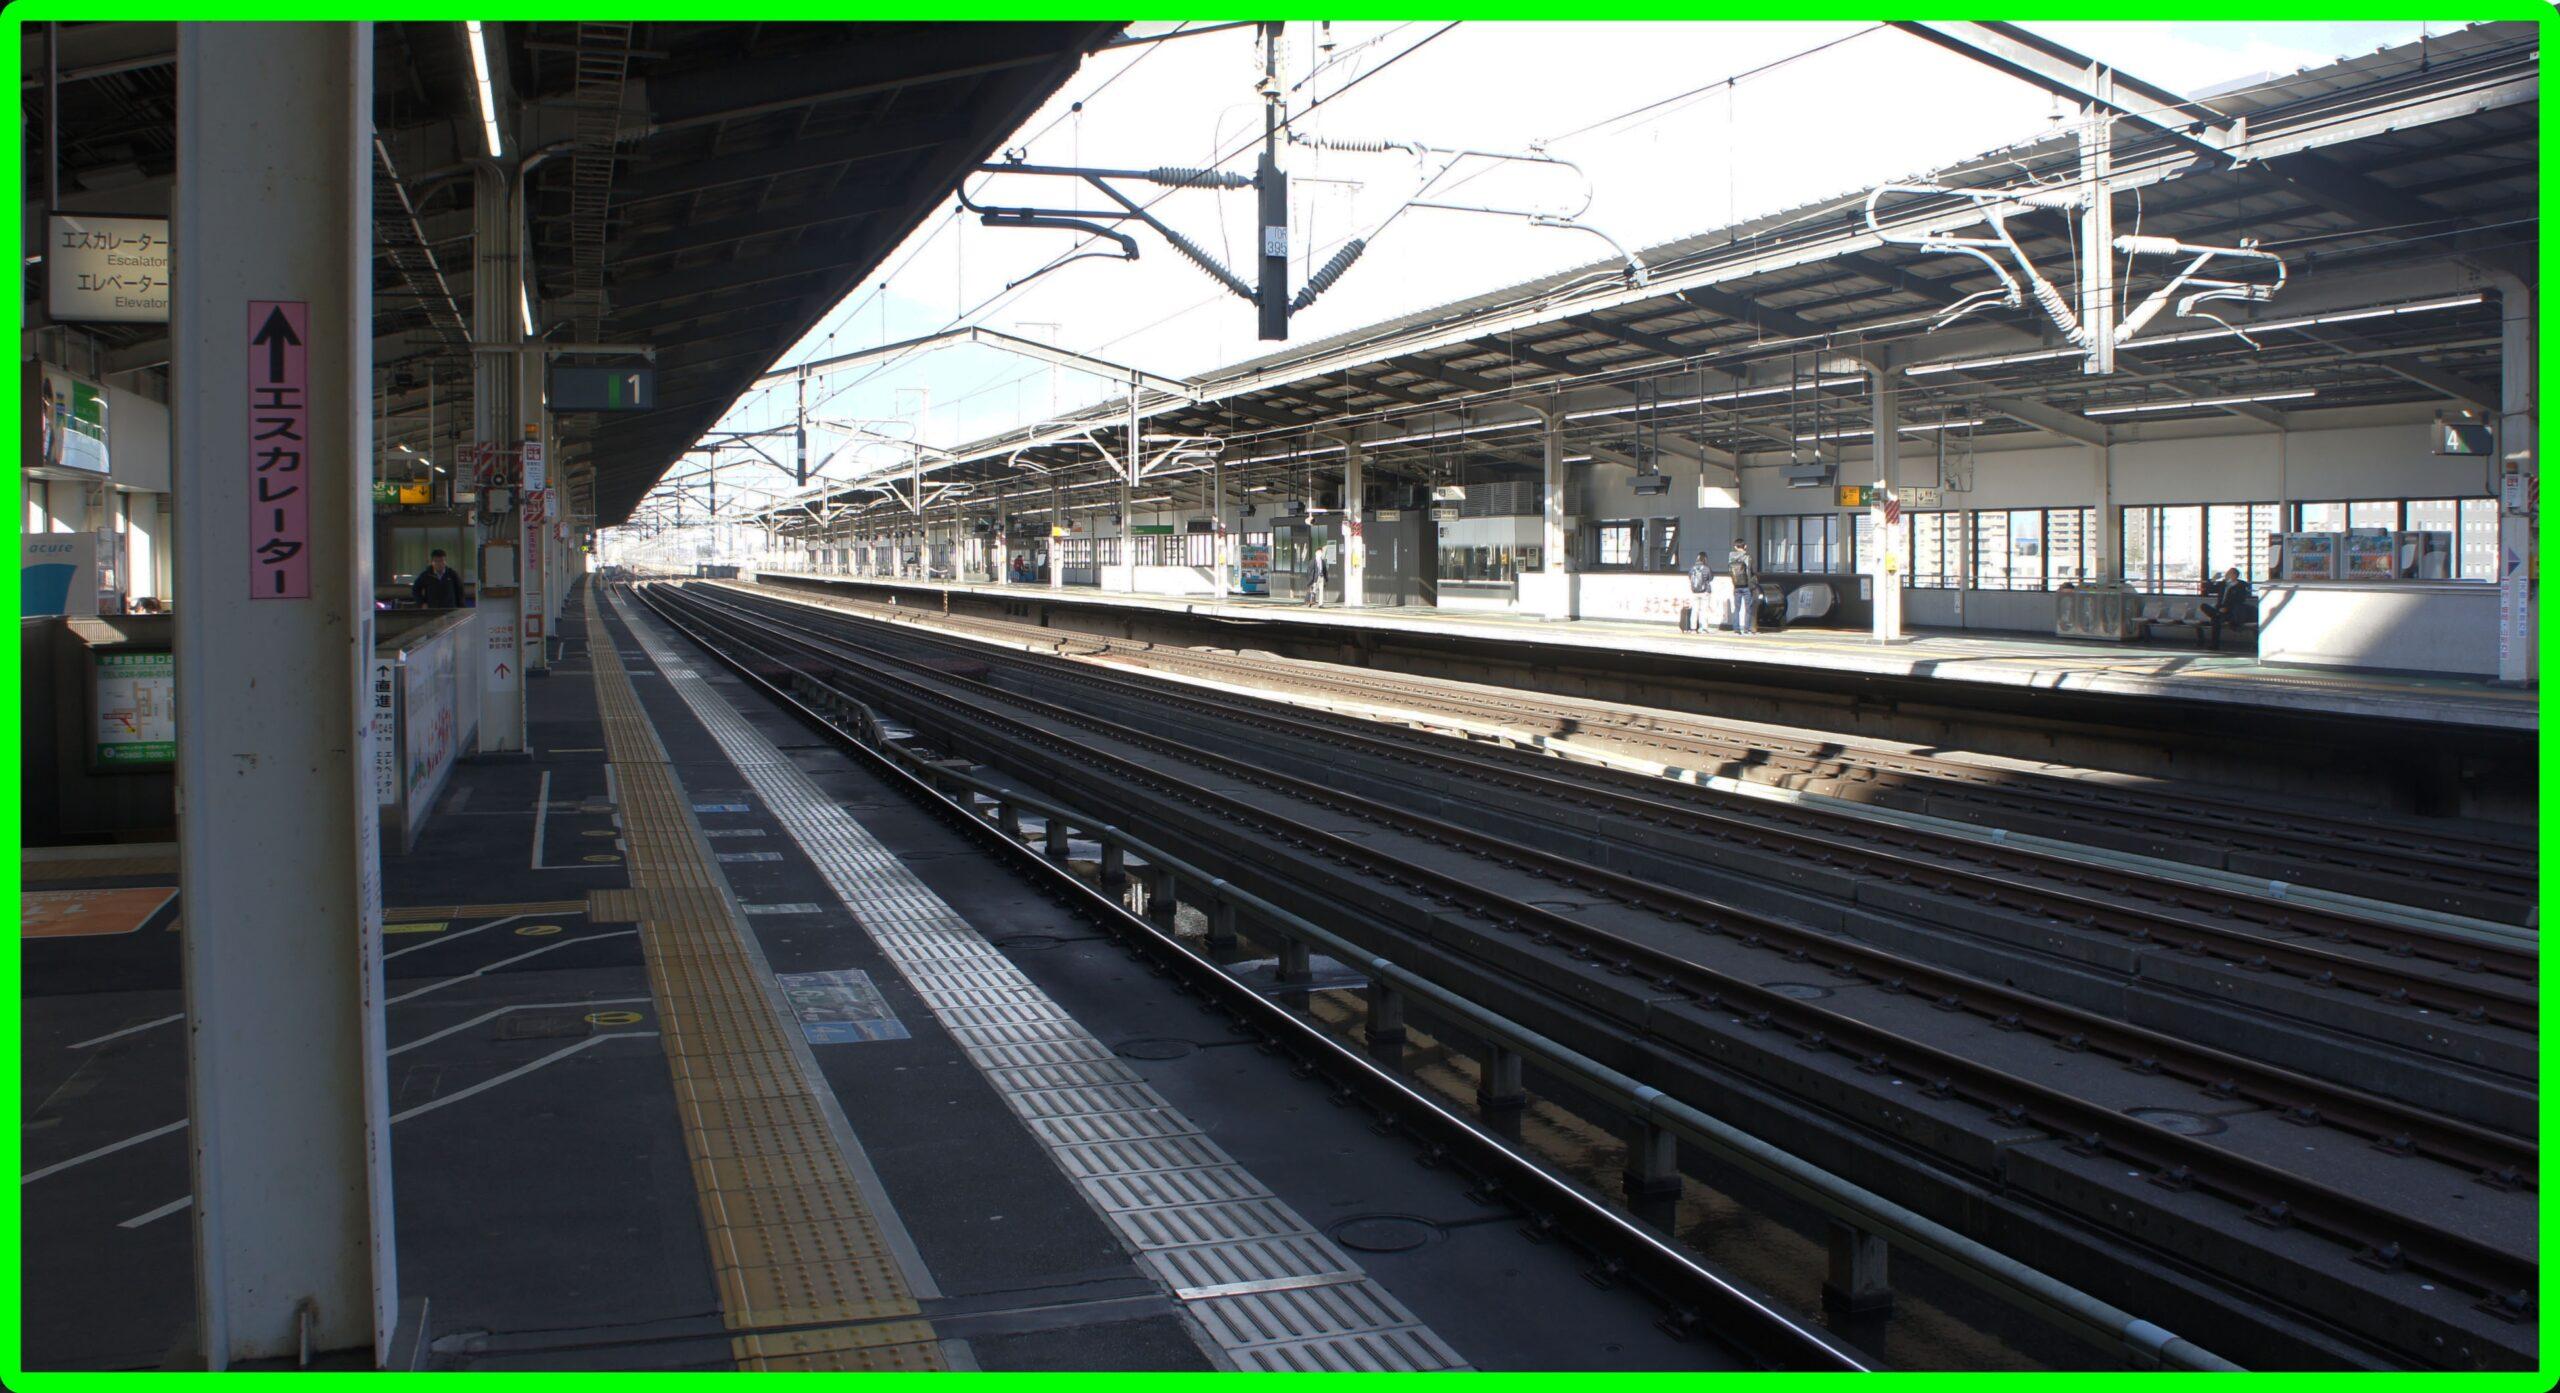 東北新幹線臨時時刻表発表 東京~仙台から下り列車が消滅 地震影響で